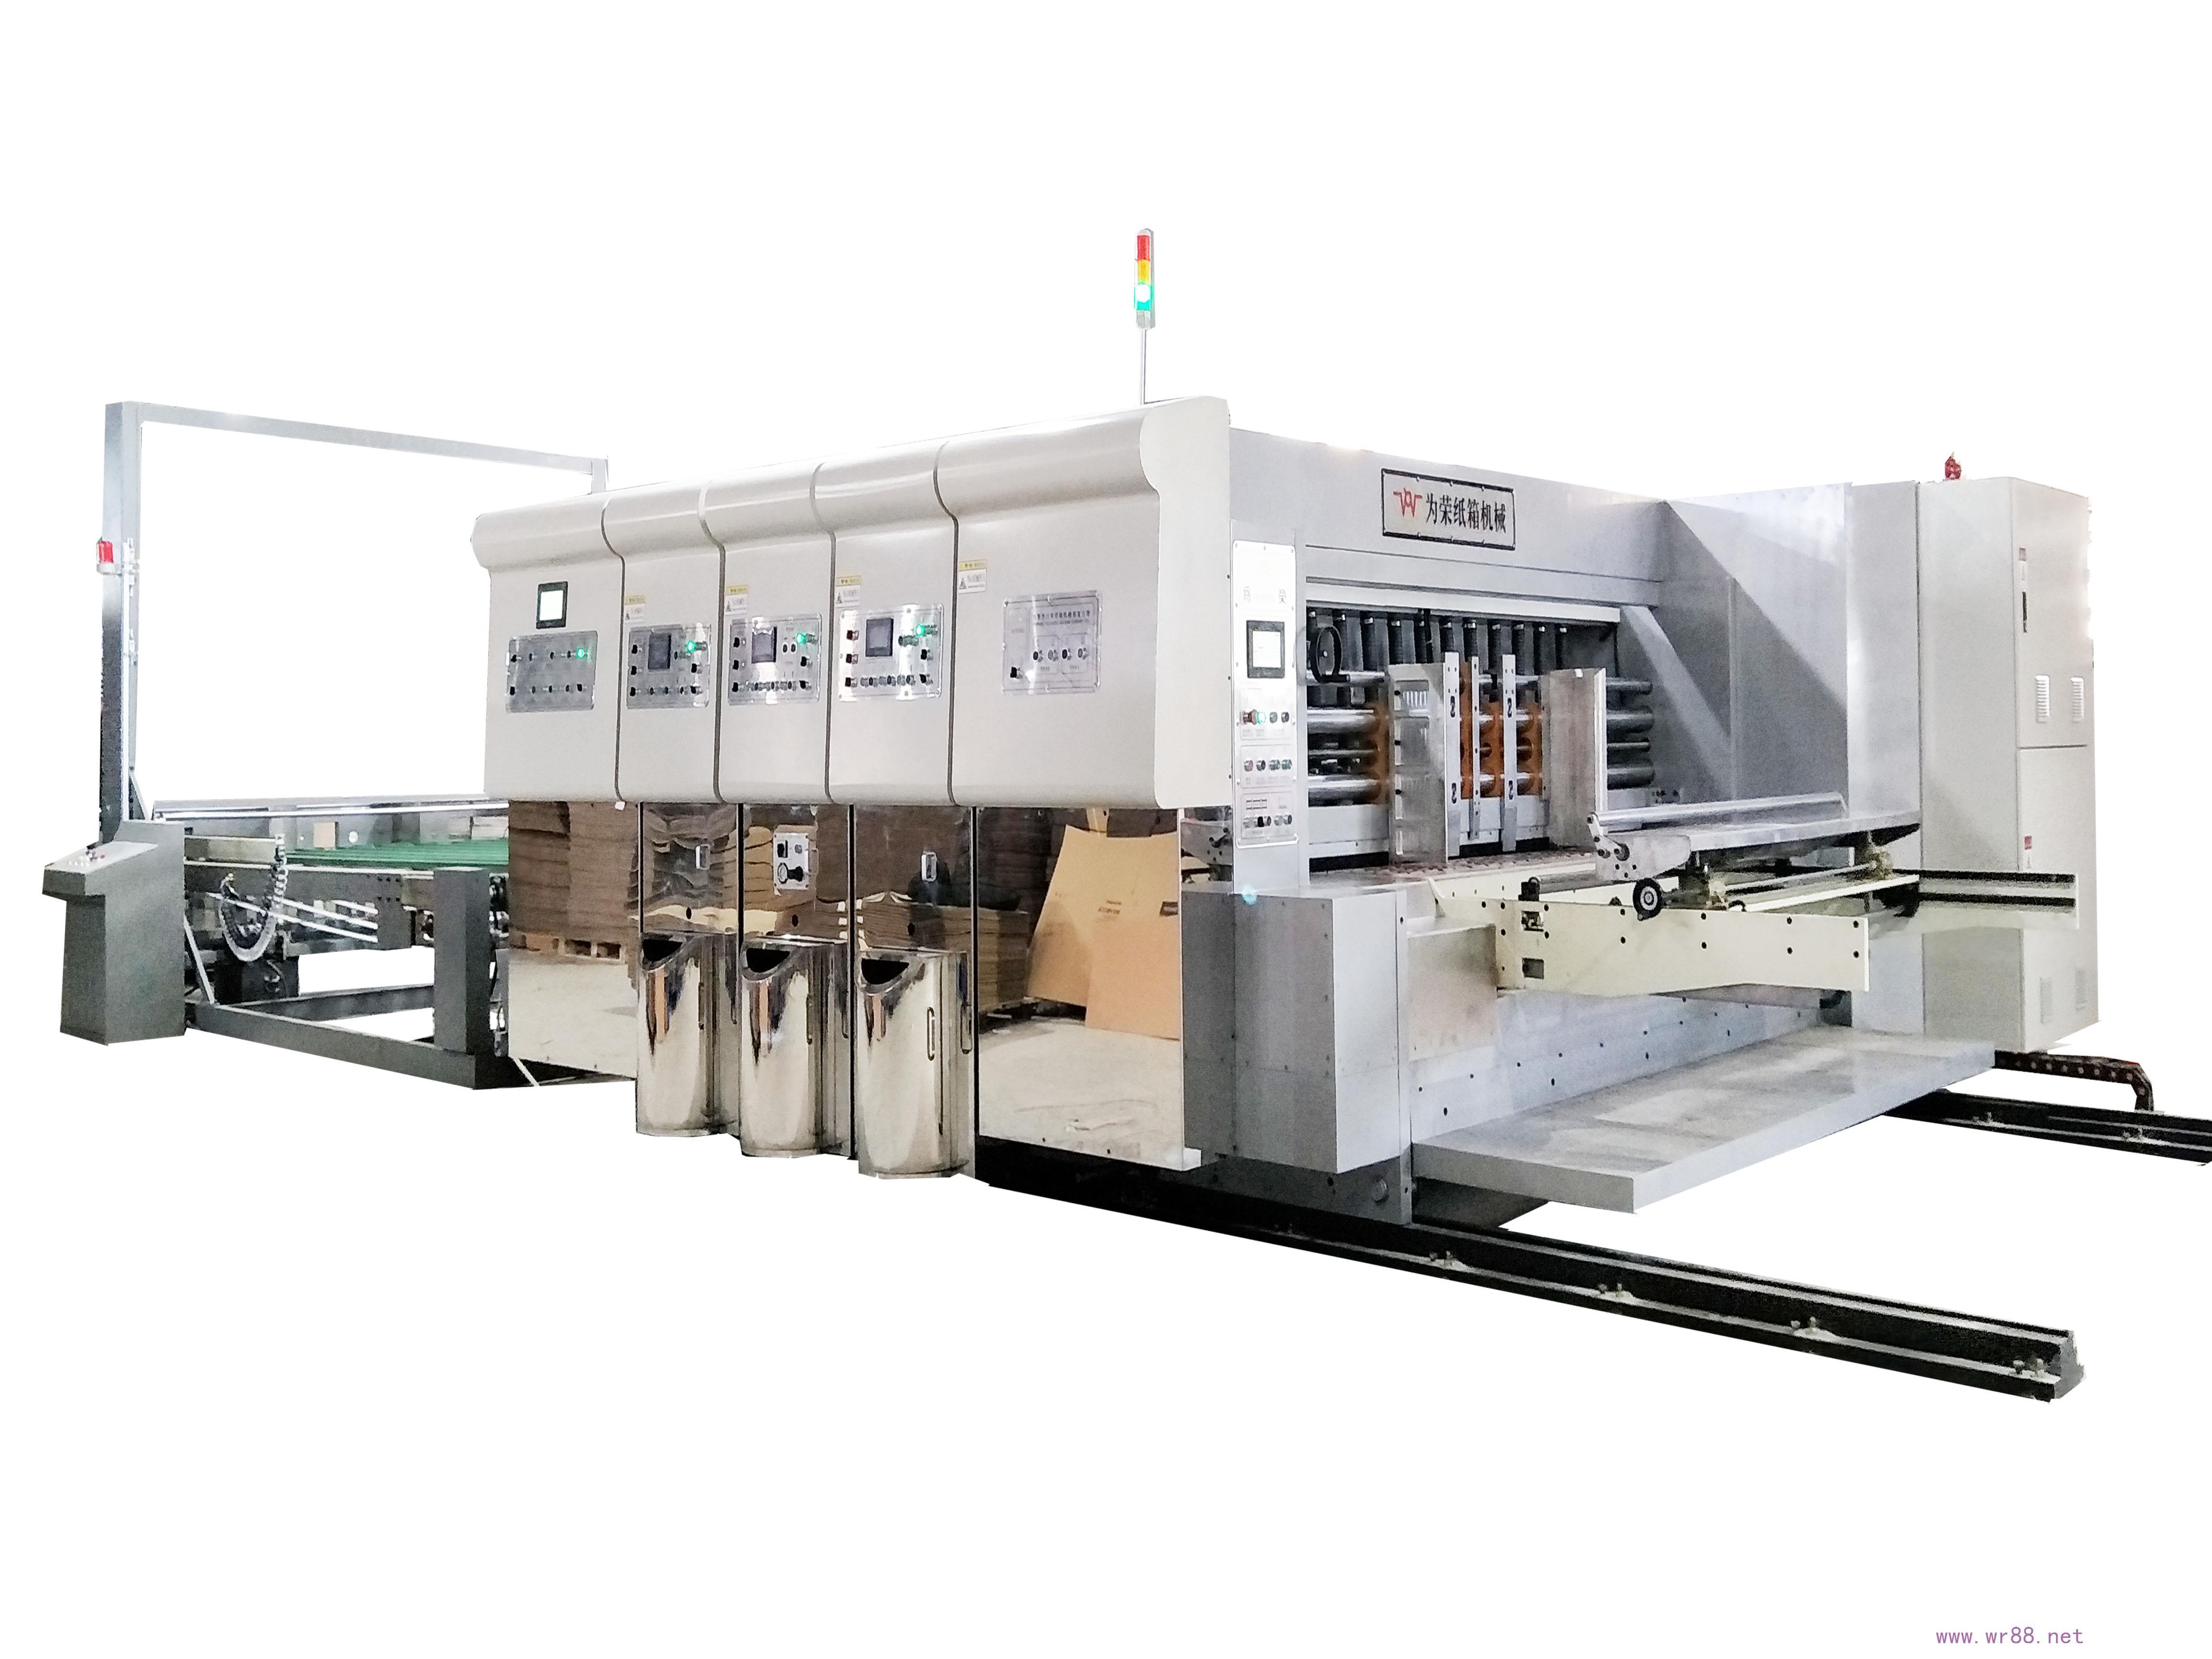 G2C-1428 全电脑水性印刷开槽模切机生产视频